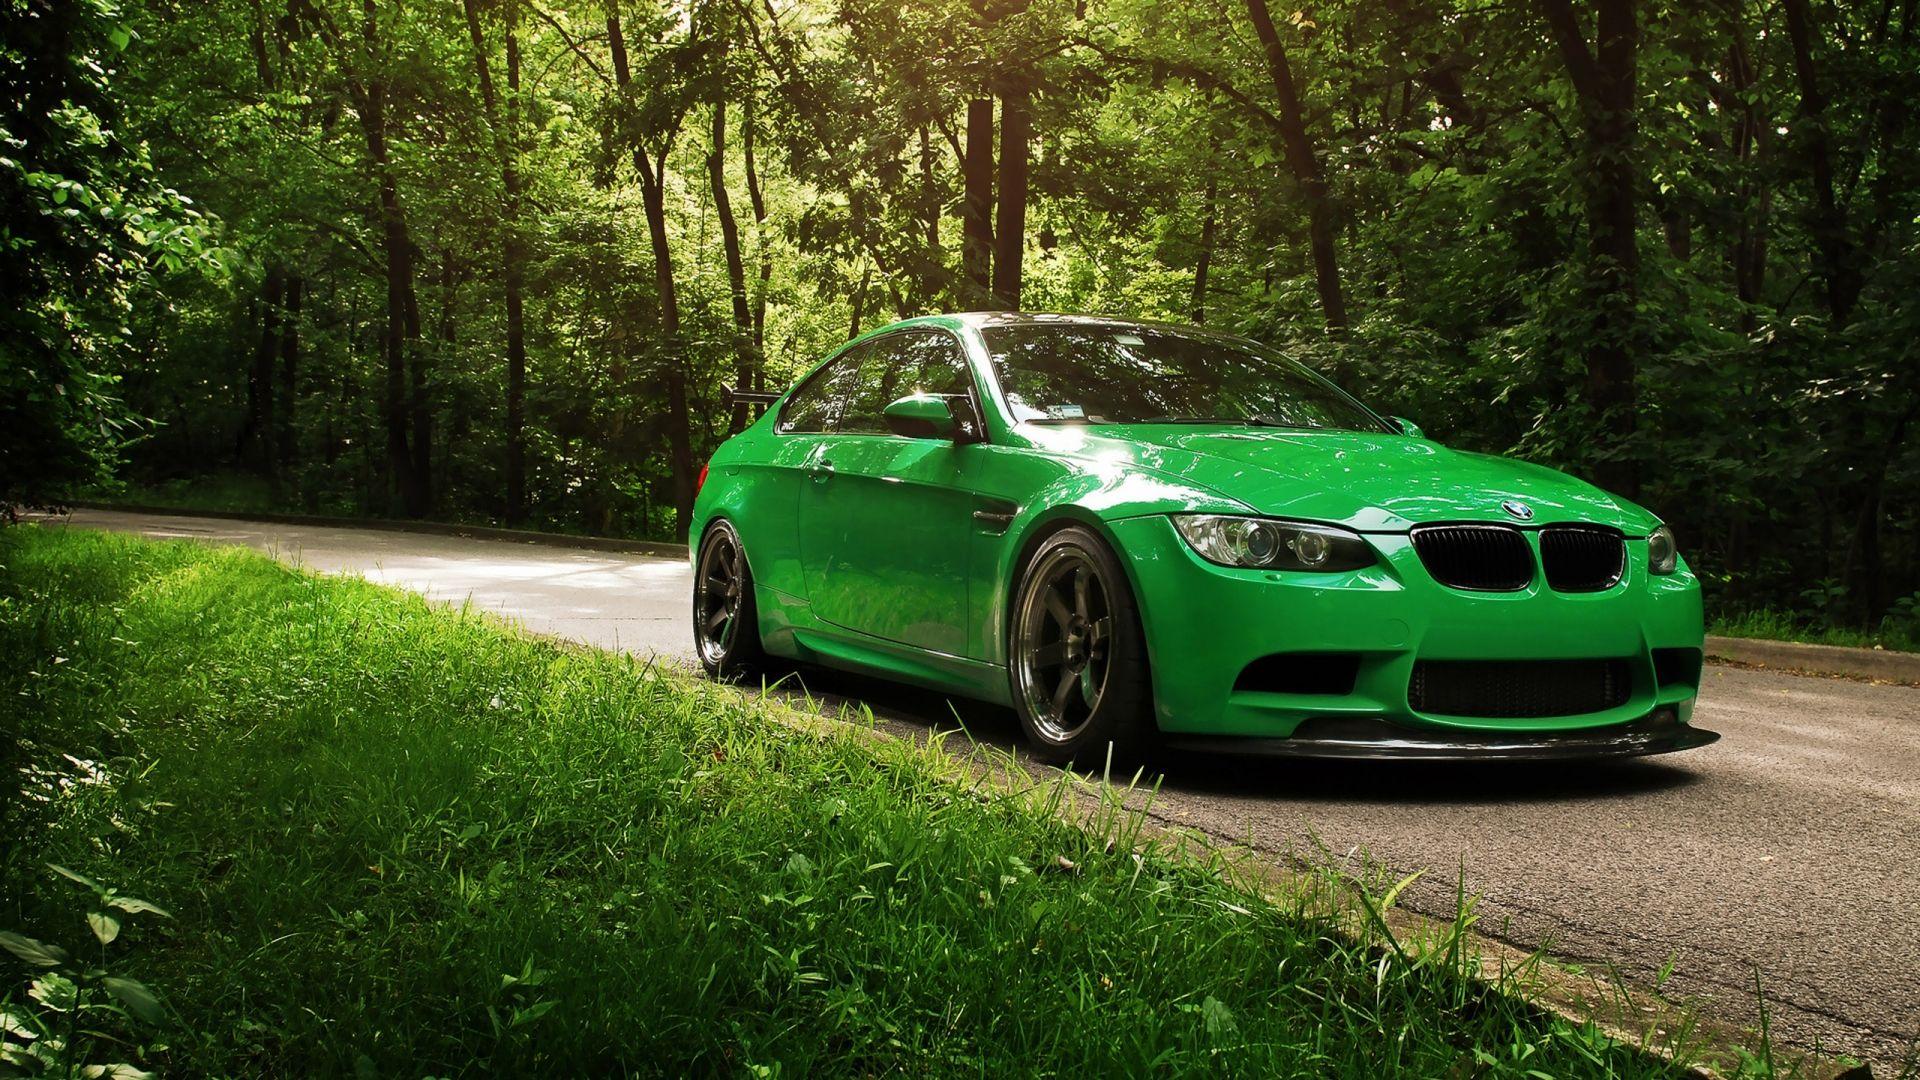 Hd wallpaper nature green - Go Green Bmw 1080p Hd Wallpaper Nature